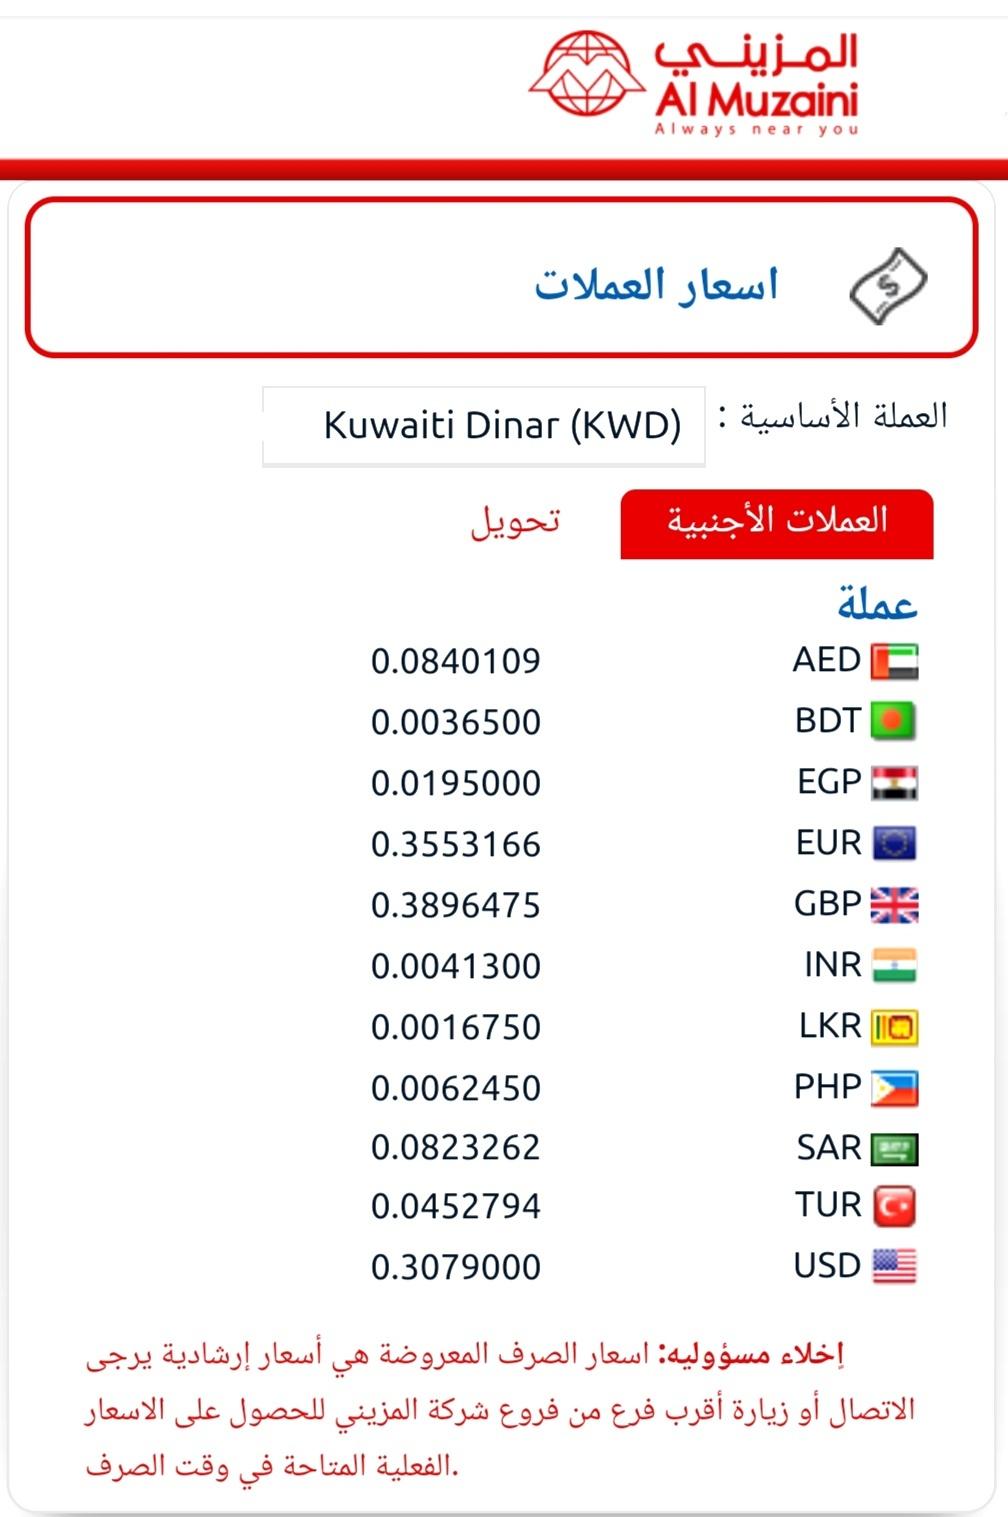 أسعار صرف العملات تحويل عملات الكويت دينار كويتي بكم دولار سعر تحويل الدينار الكويتى المزيني ٢٠ يوليو